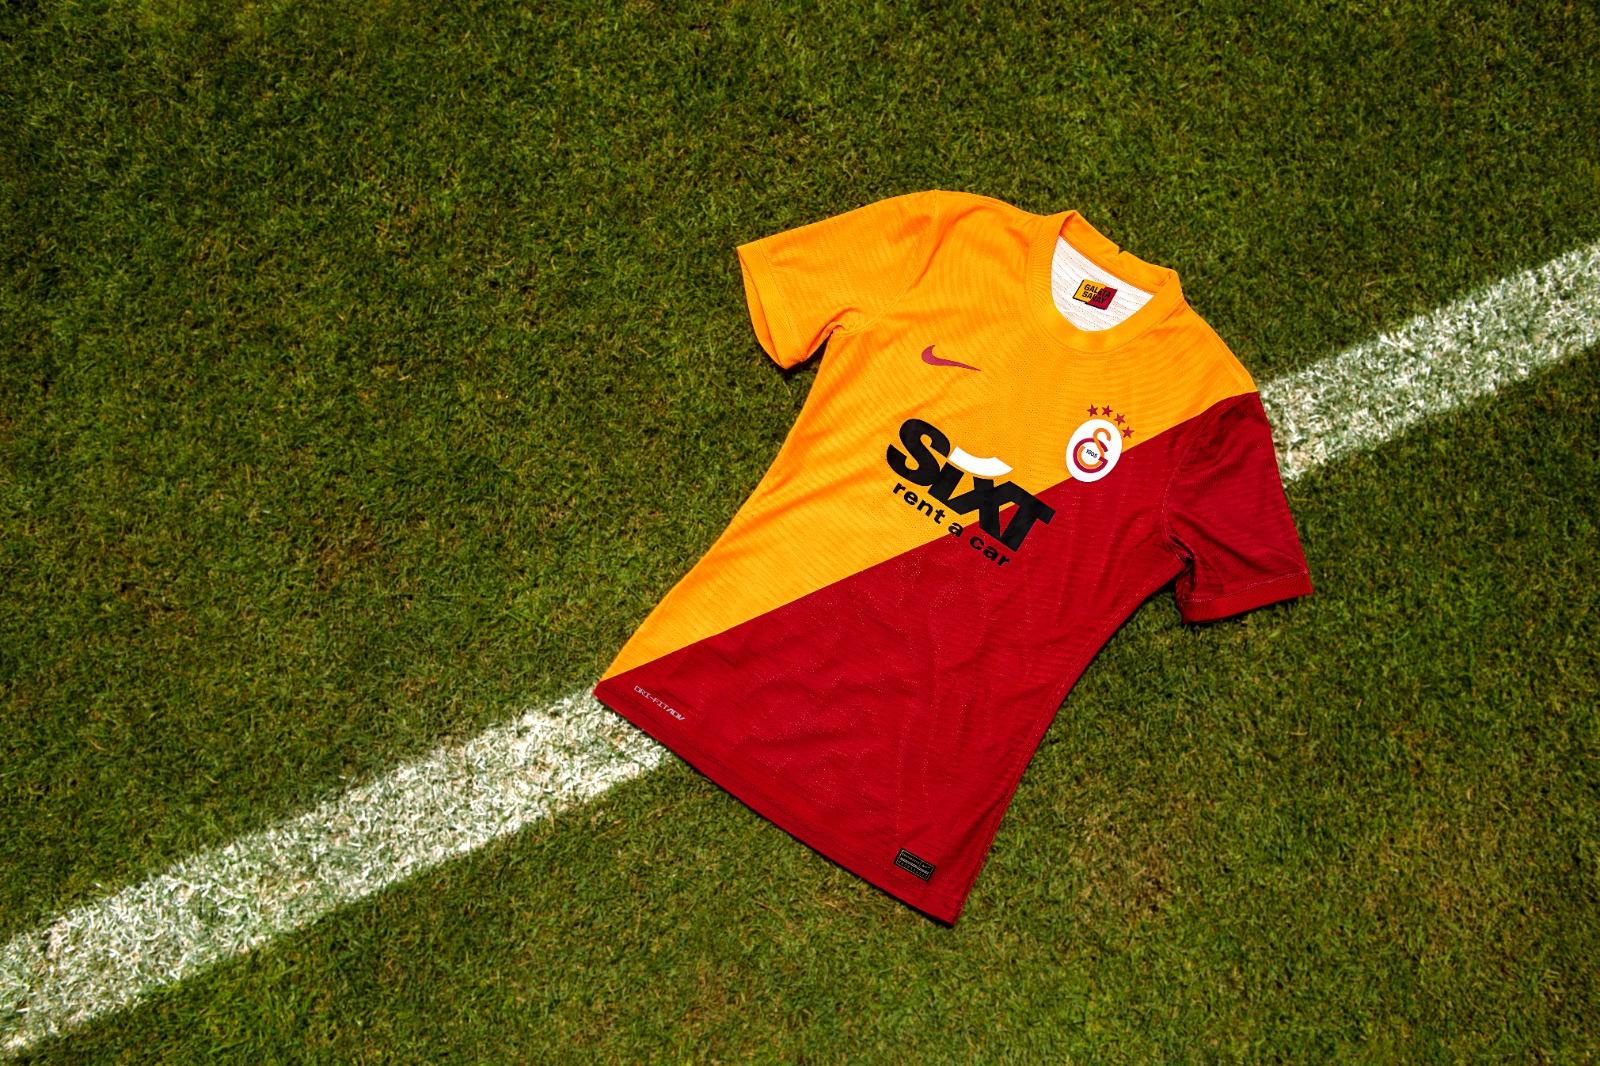 """Galatasaray """"ilk ve tek"""" hikayesini yeni koleksiyonunda anlatıyor"""